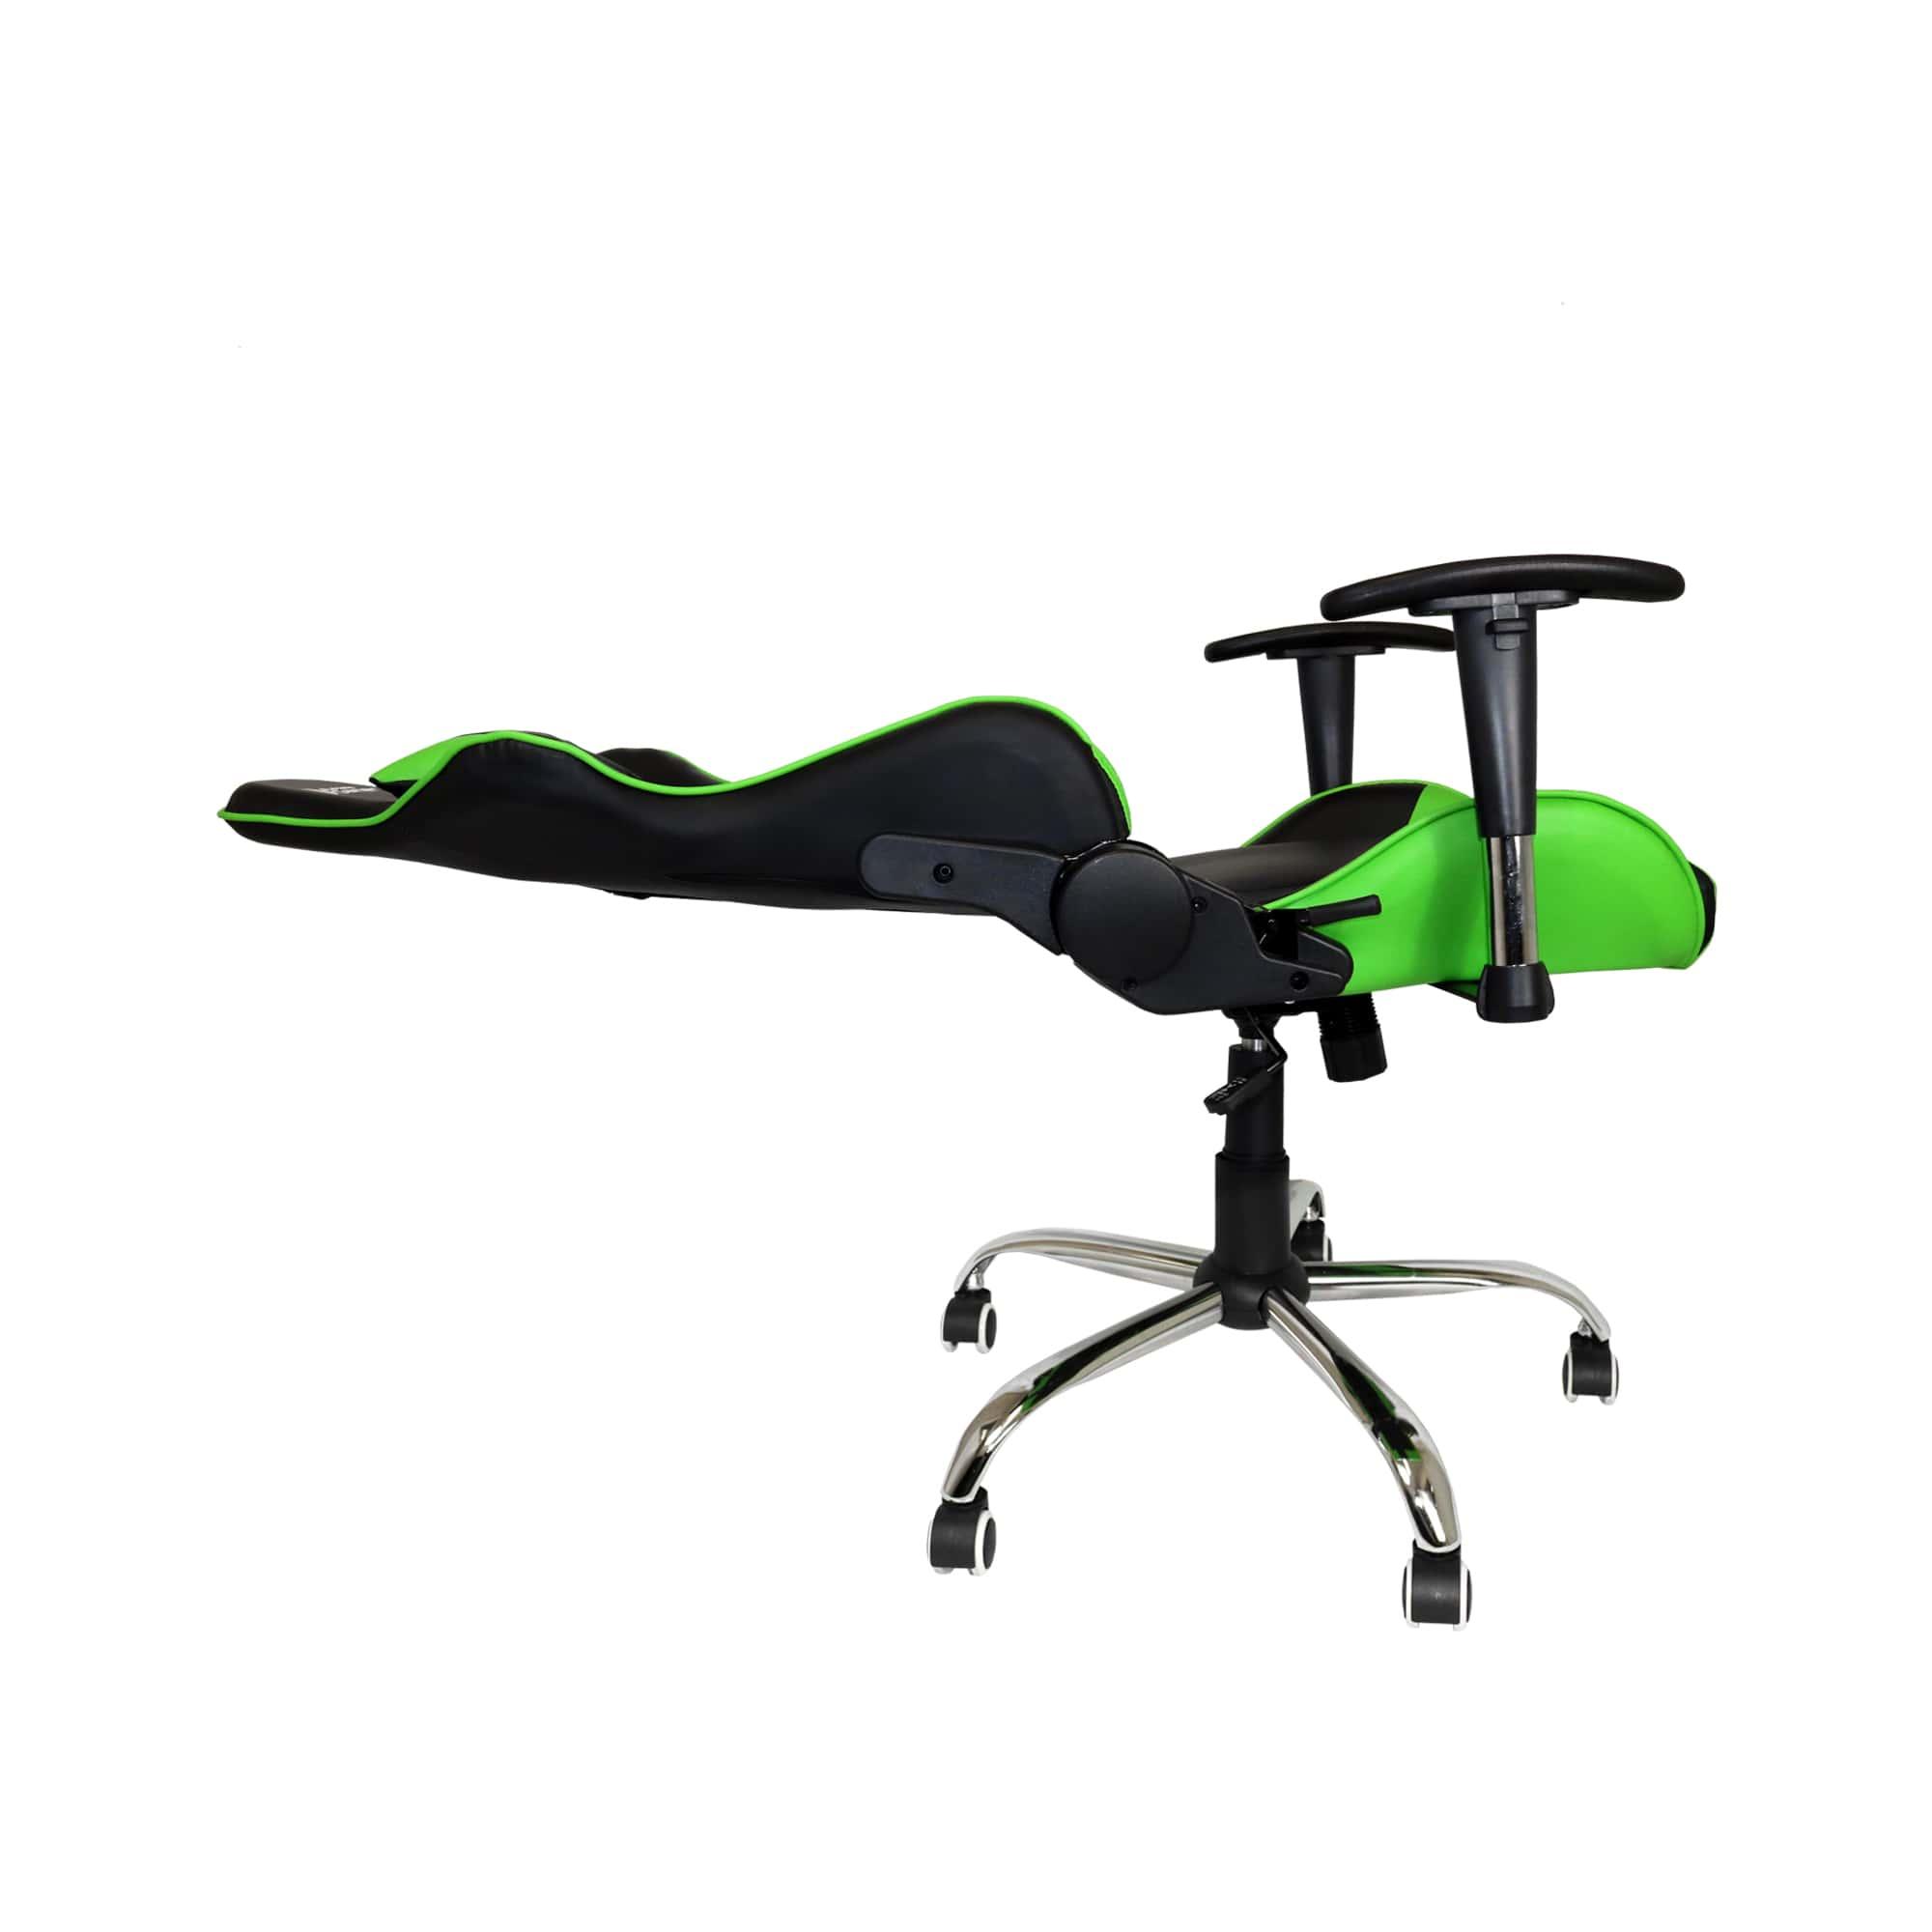 Cadeira Gamer Bluecase Titanium Verde/Preto - CH-22GBK